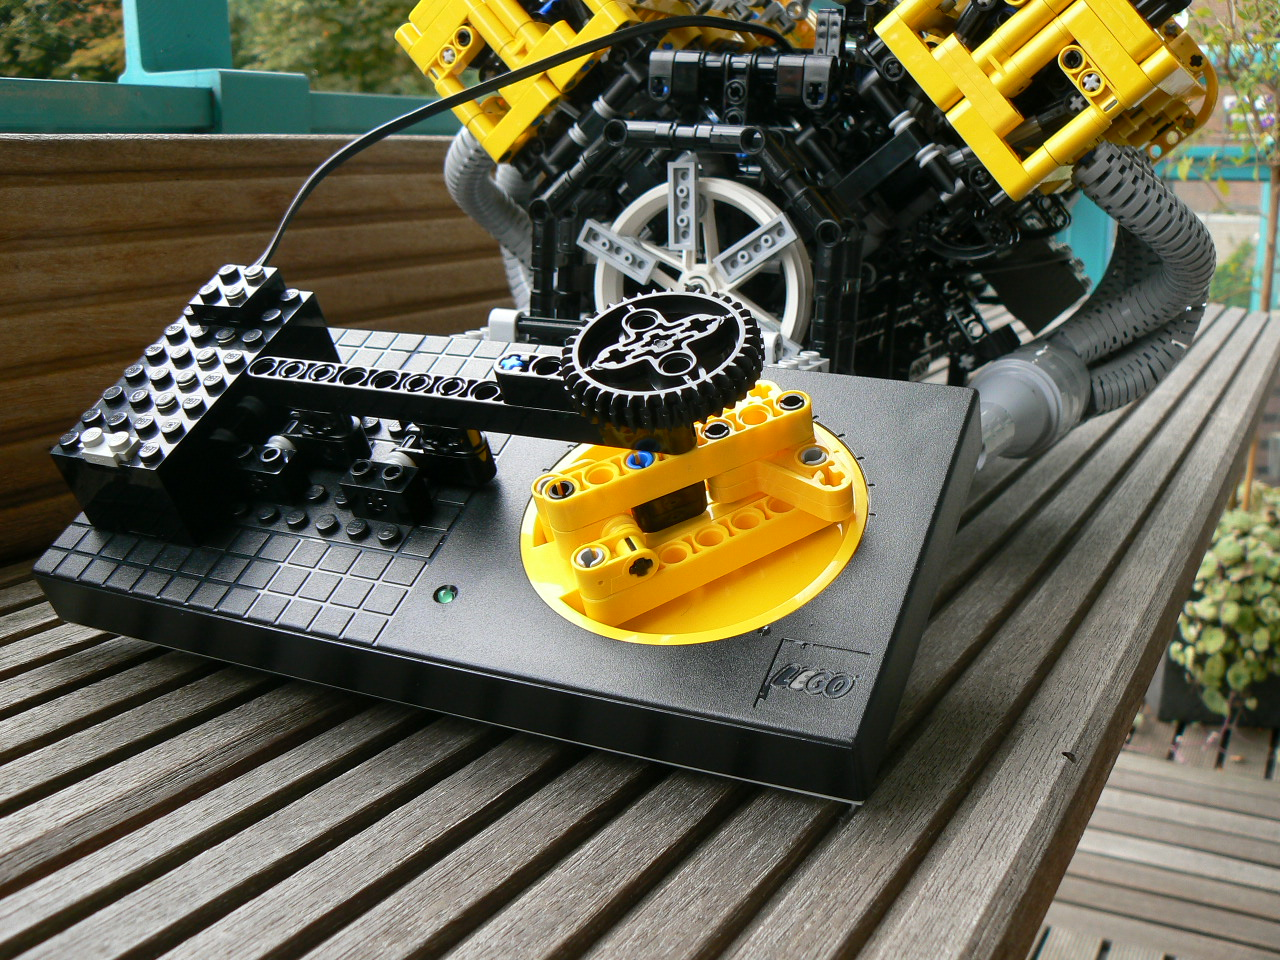 LEGO V8, 32 valve engine | Make: